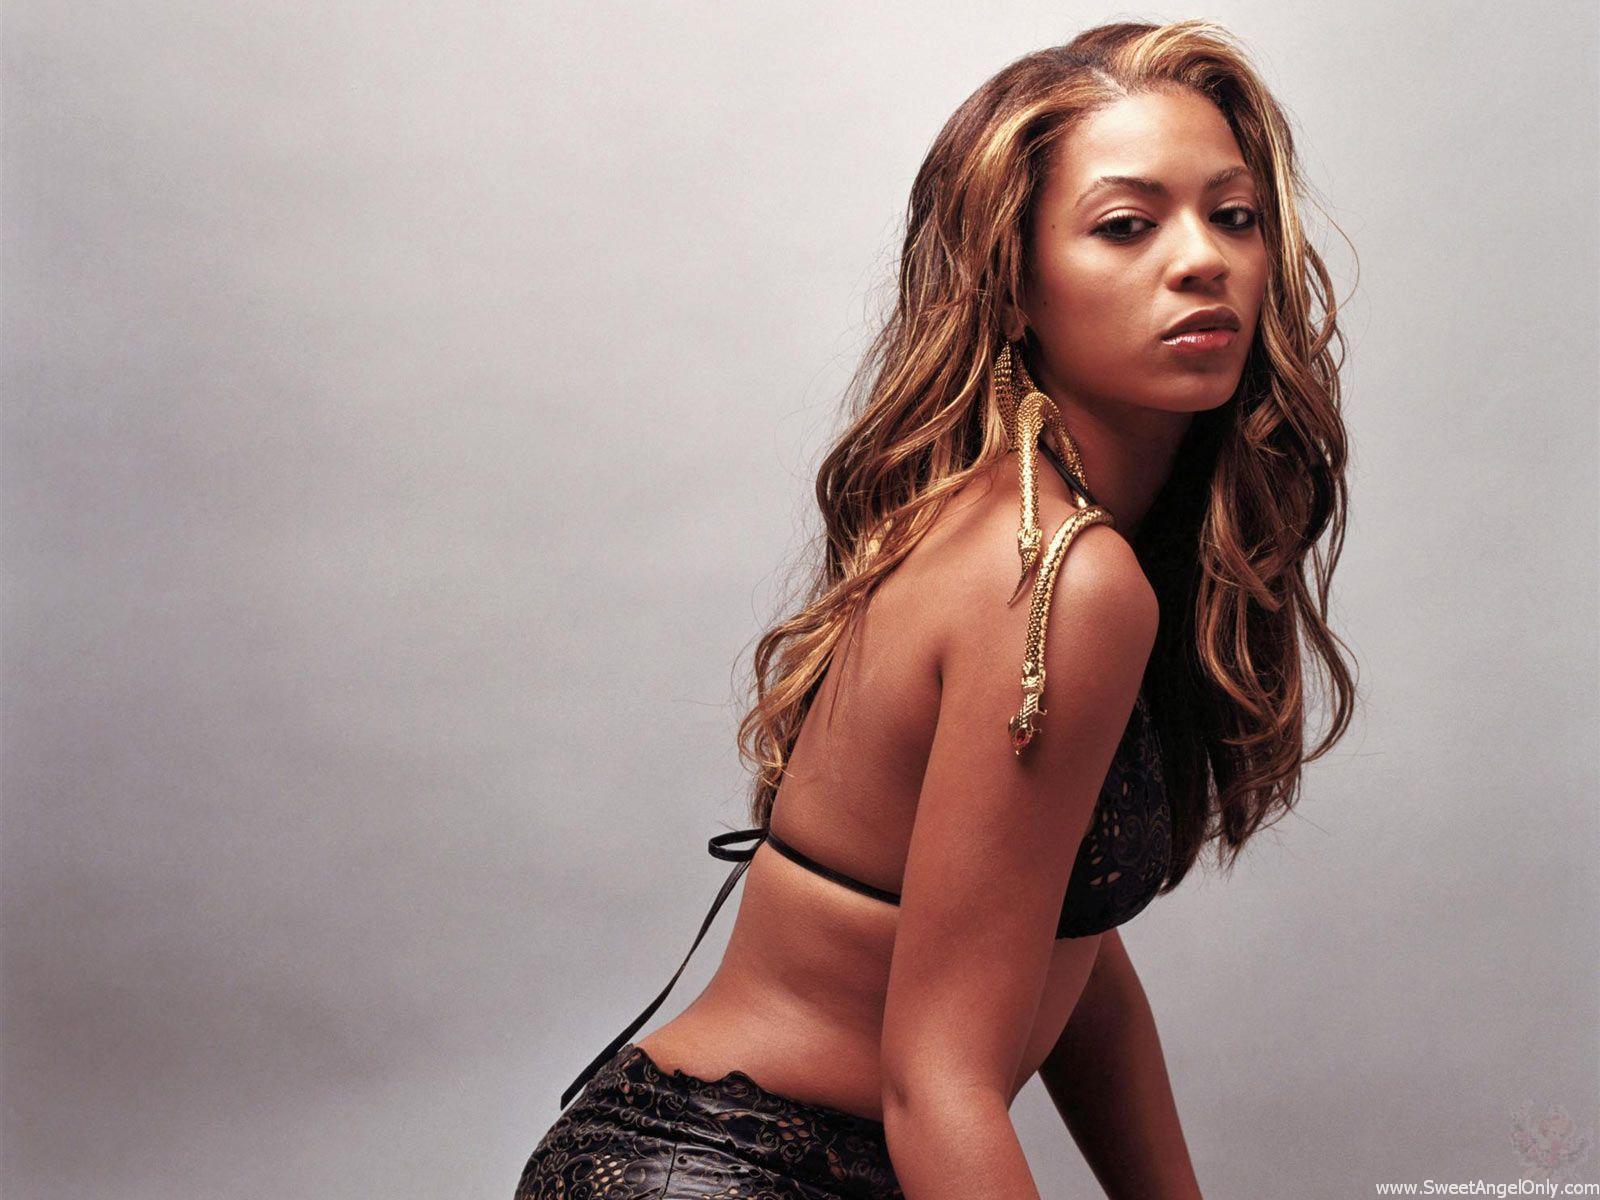 http://3.bp.blogspot.com/-oYE4rBZaMyM/TX5Cr4Yv1dI/AAAAAAAABVA/-Uz9O1Hf6d0/s1600/singer_beyonce_knowles_hot_wallpaper_27.jpg